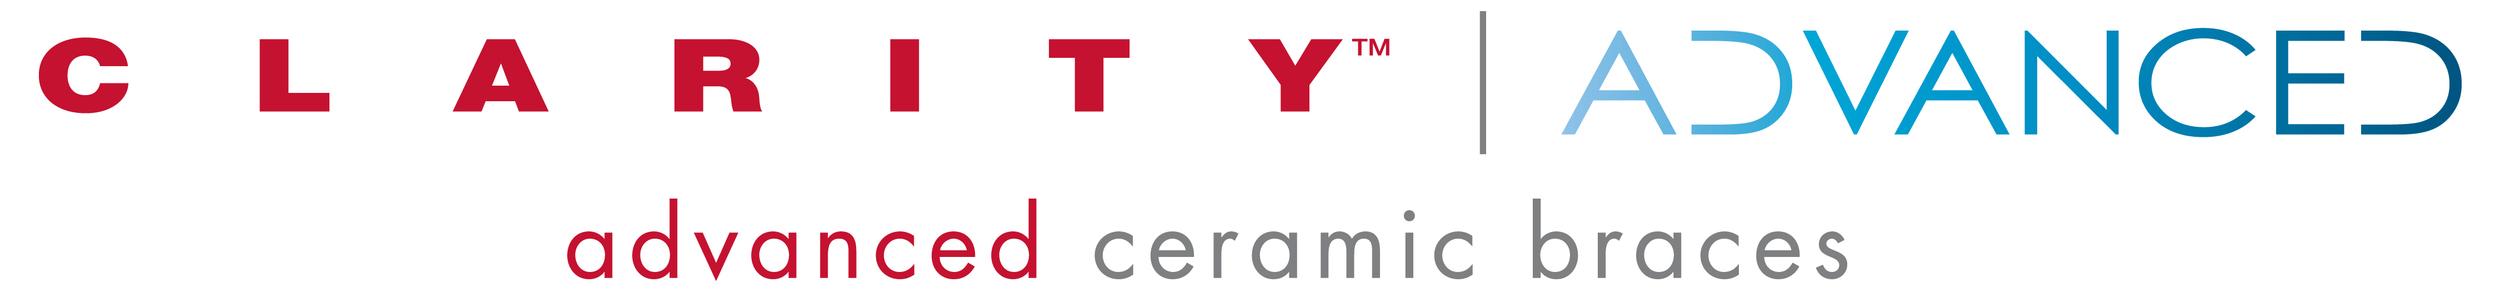 ClarityADV Braces logo.jpg